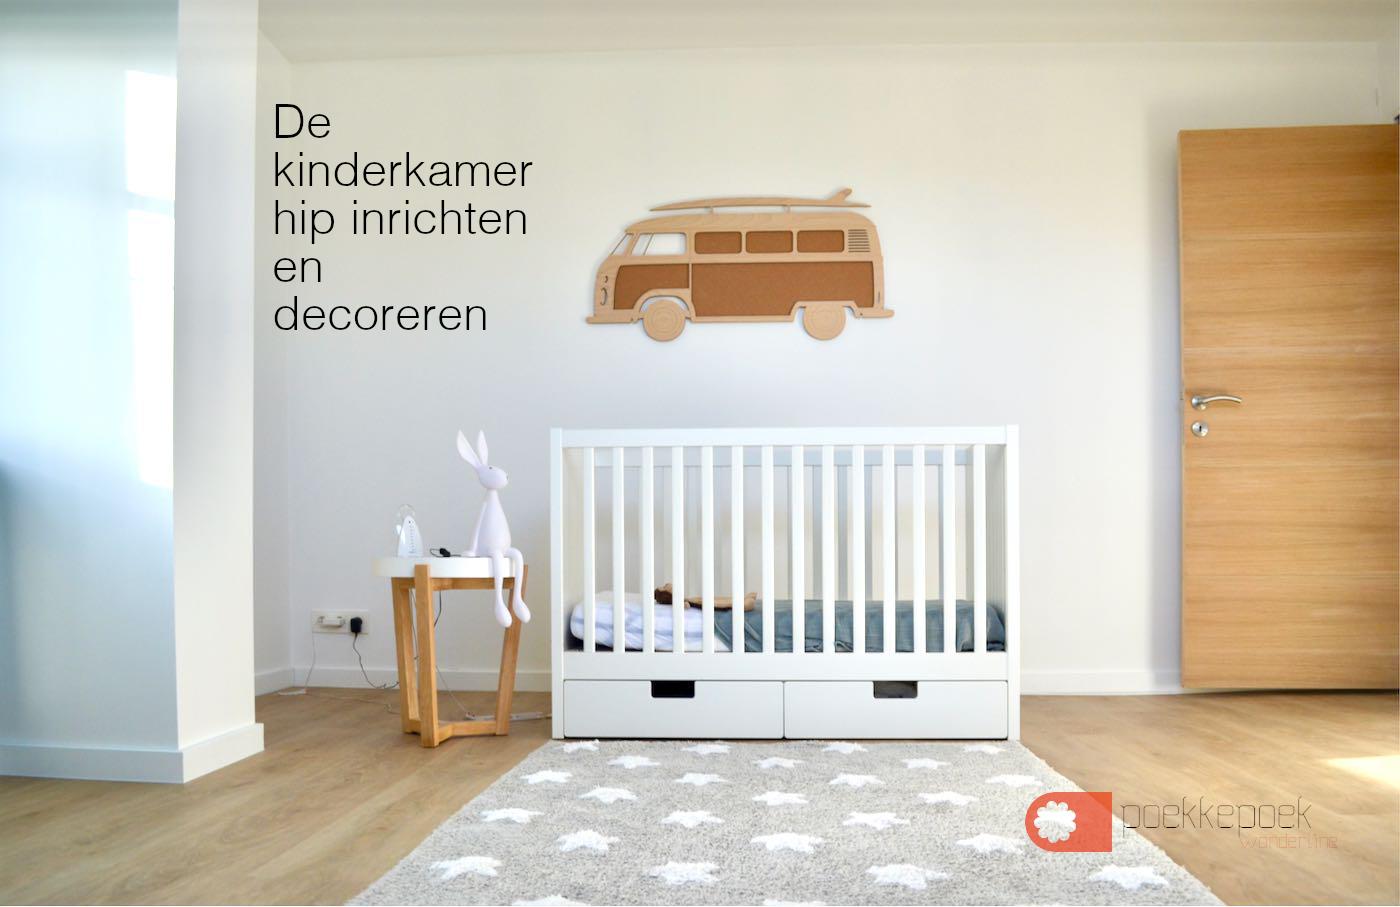 Houten Muurdecoratie Babykamer.Leuke Kinderkamer En Tienerkamer Decoratie Kopen Poekkepoek Kids